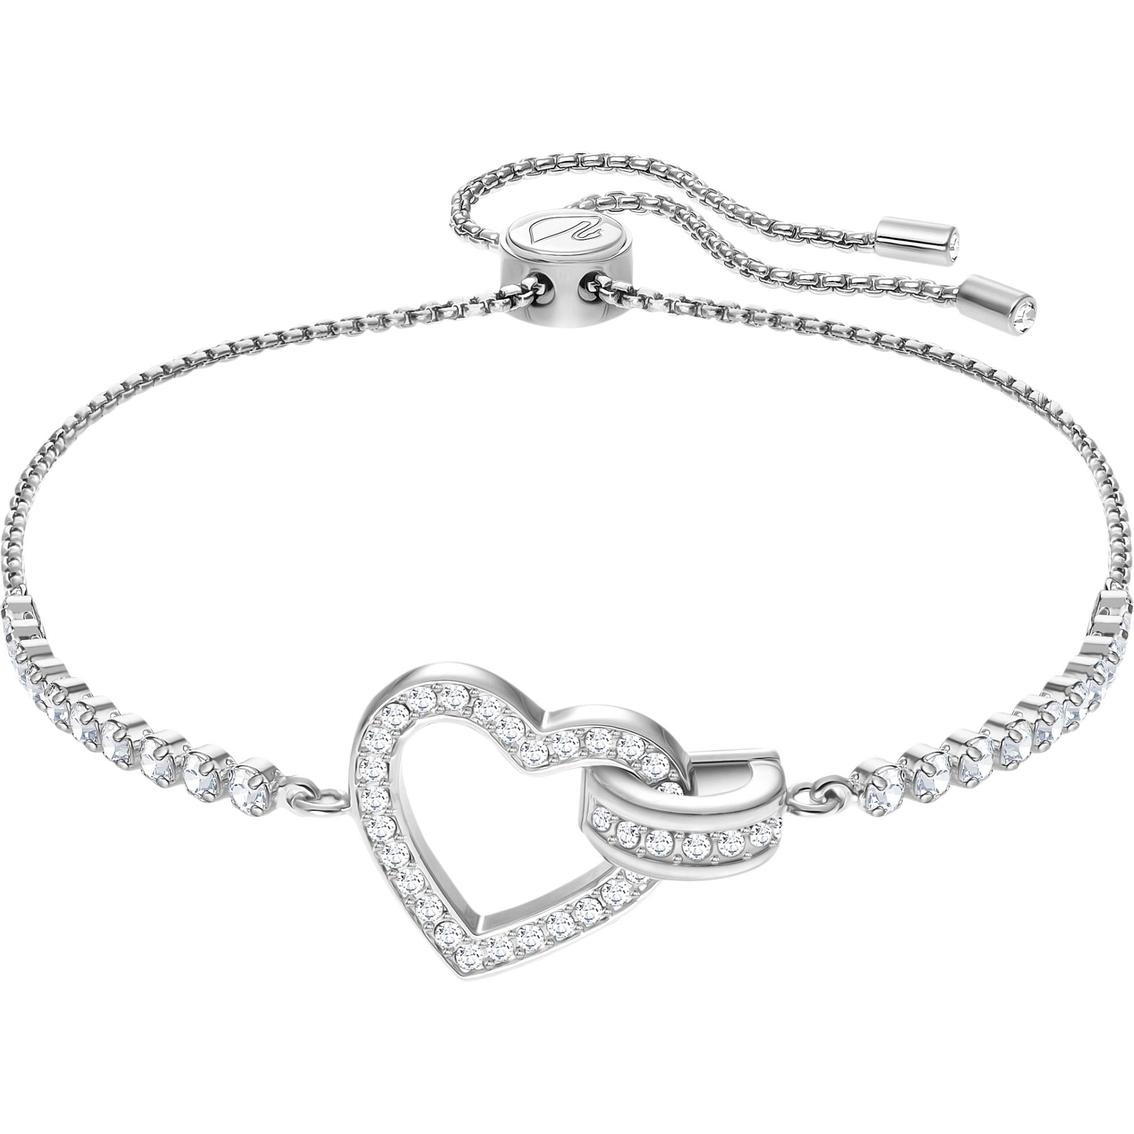 Swarovski Lovely Rhodium Bracelet   Crystal Jewelry   Jewelry ... 80ec405bdcd7